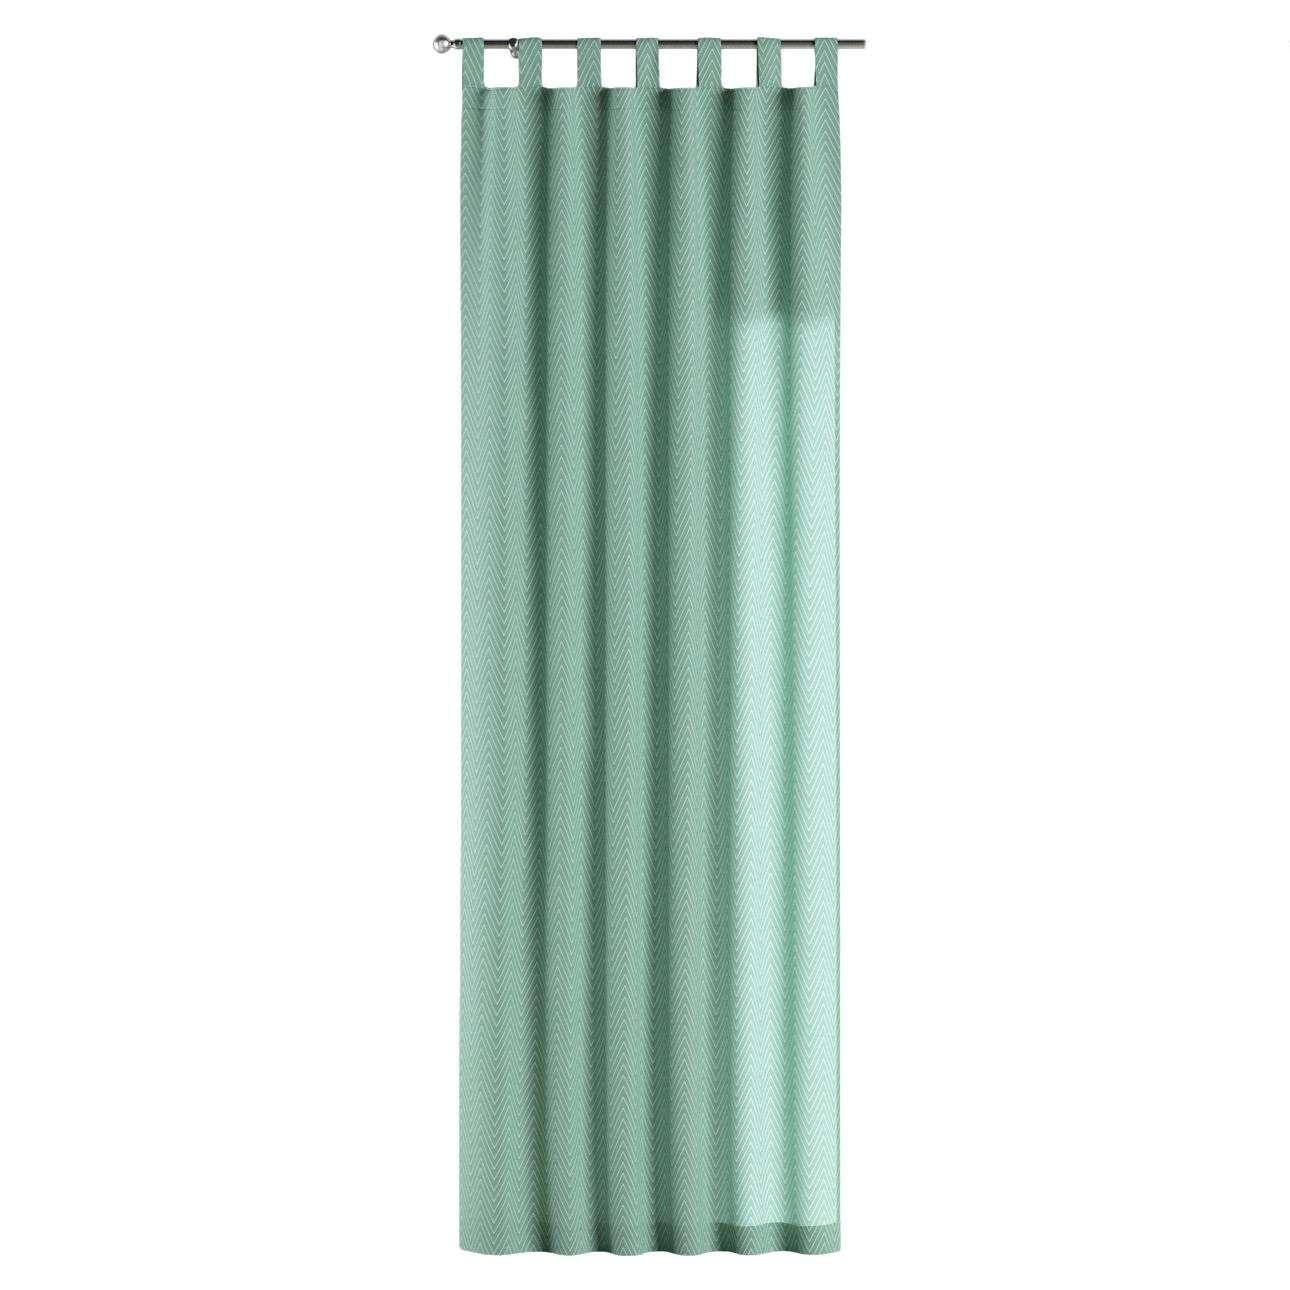 Kilpinio klostavimo užuolaidos 130 x 260 cm (plotis x ilgis) kolekcijoje Brooklyn, audinys: 137-90